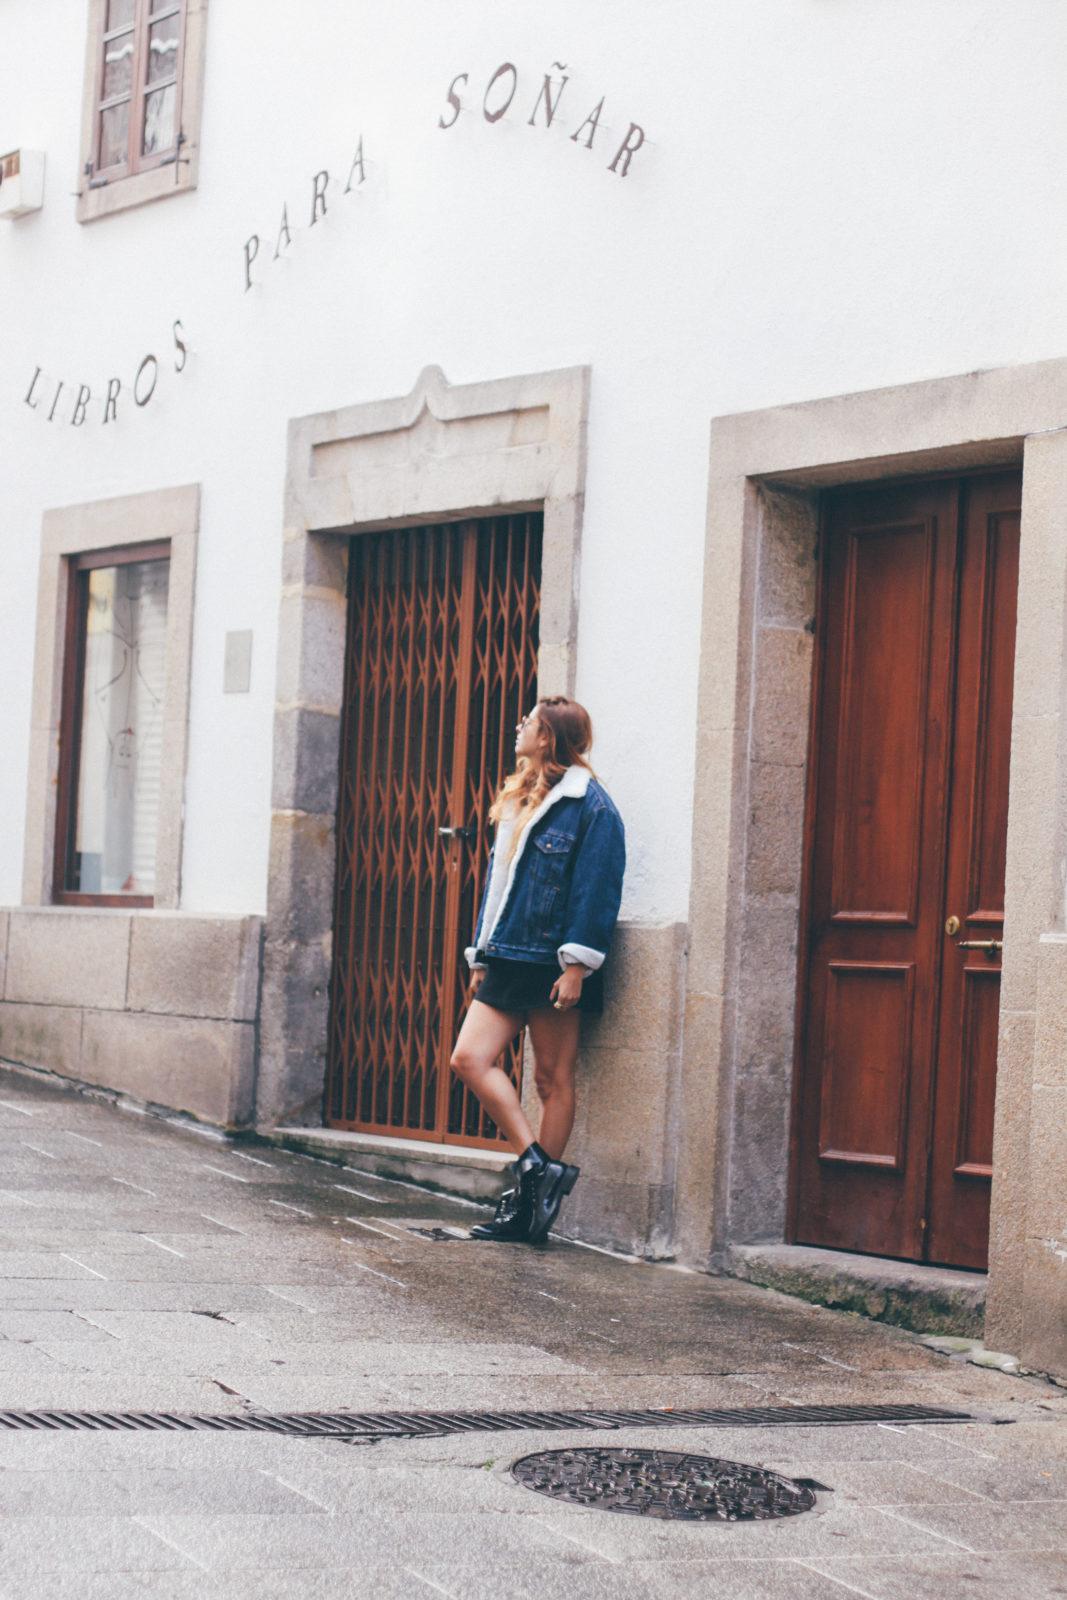 cazadora_levis_concorde_vintage-4